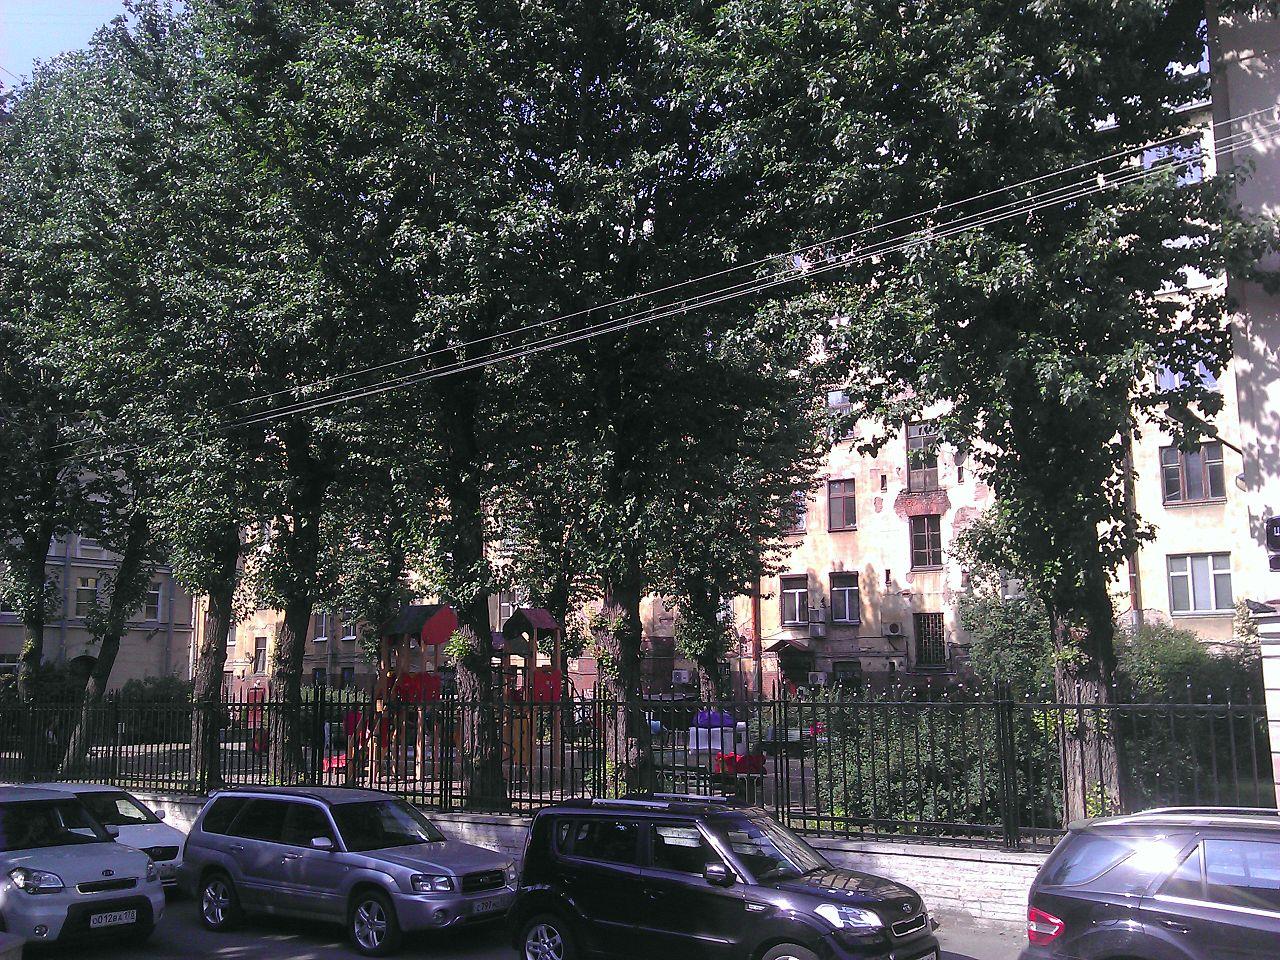 Сквер Эдуарда Хиля в Санкт-Петербурге. Автор фото: Nonexyst (Wikimedia Commons)